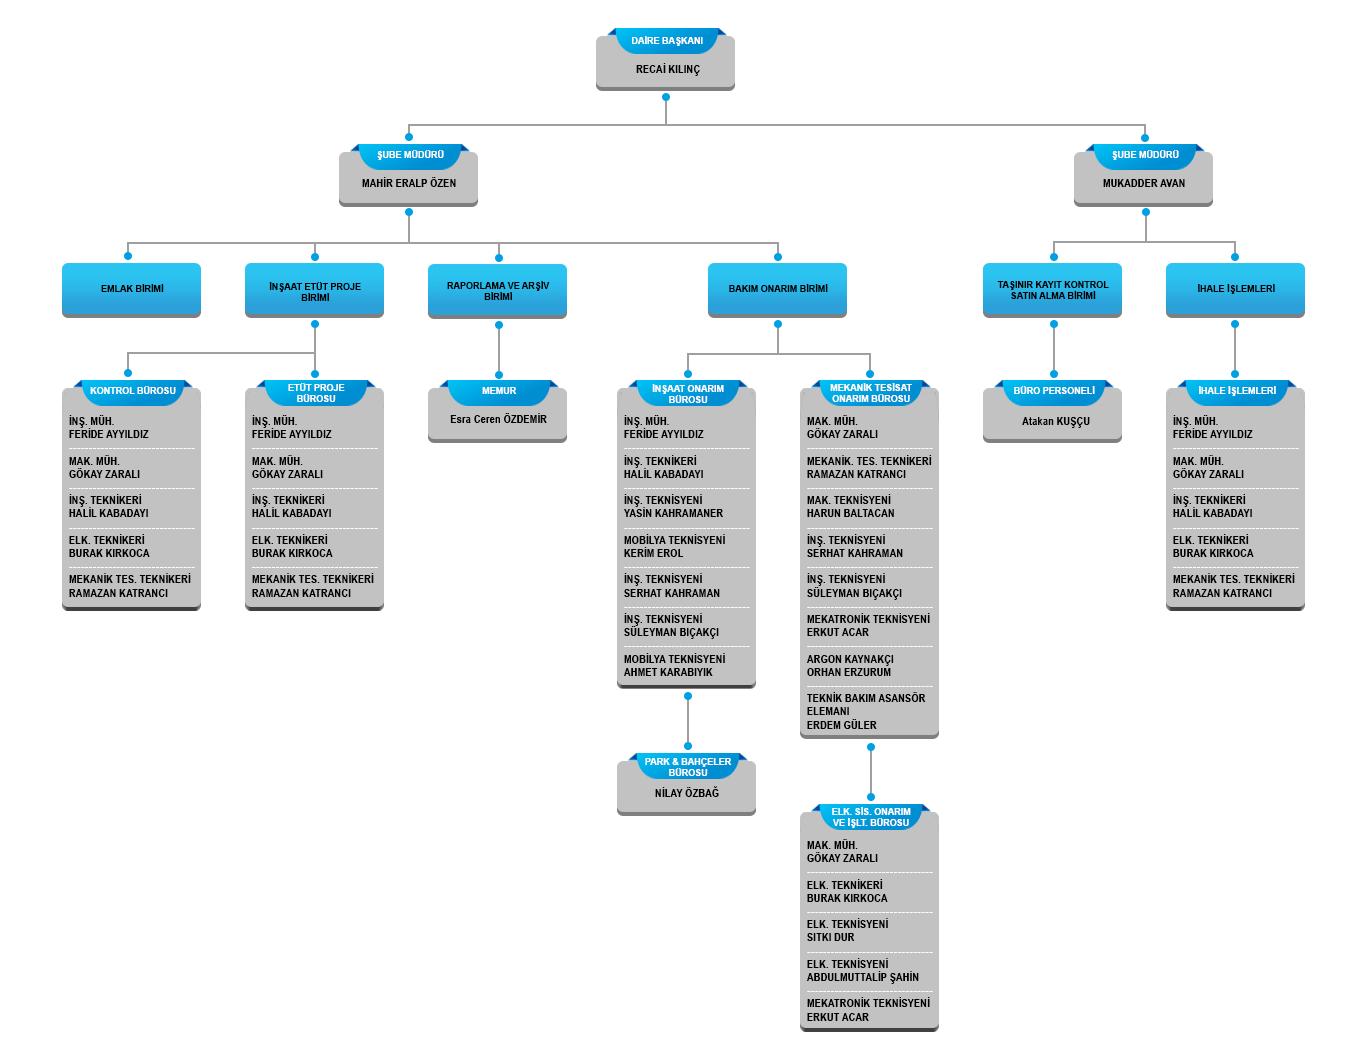 MGÜ Yapı İşleri Teknik Daire Başkanlığı   Organizasyon Şeması